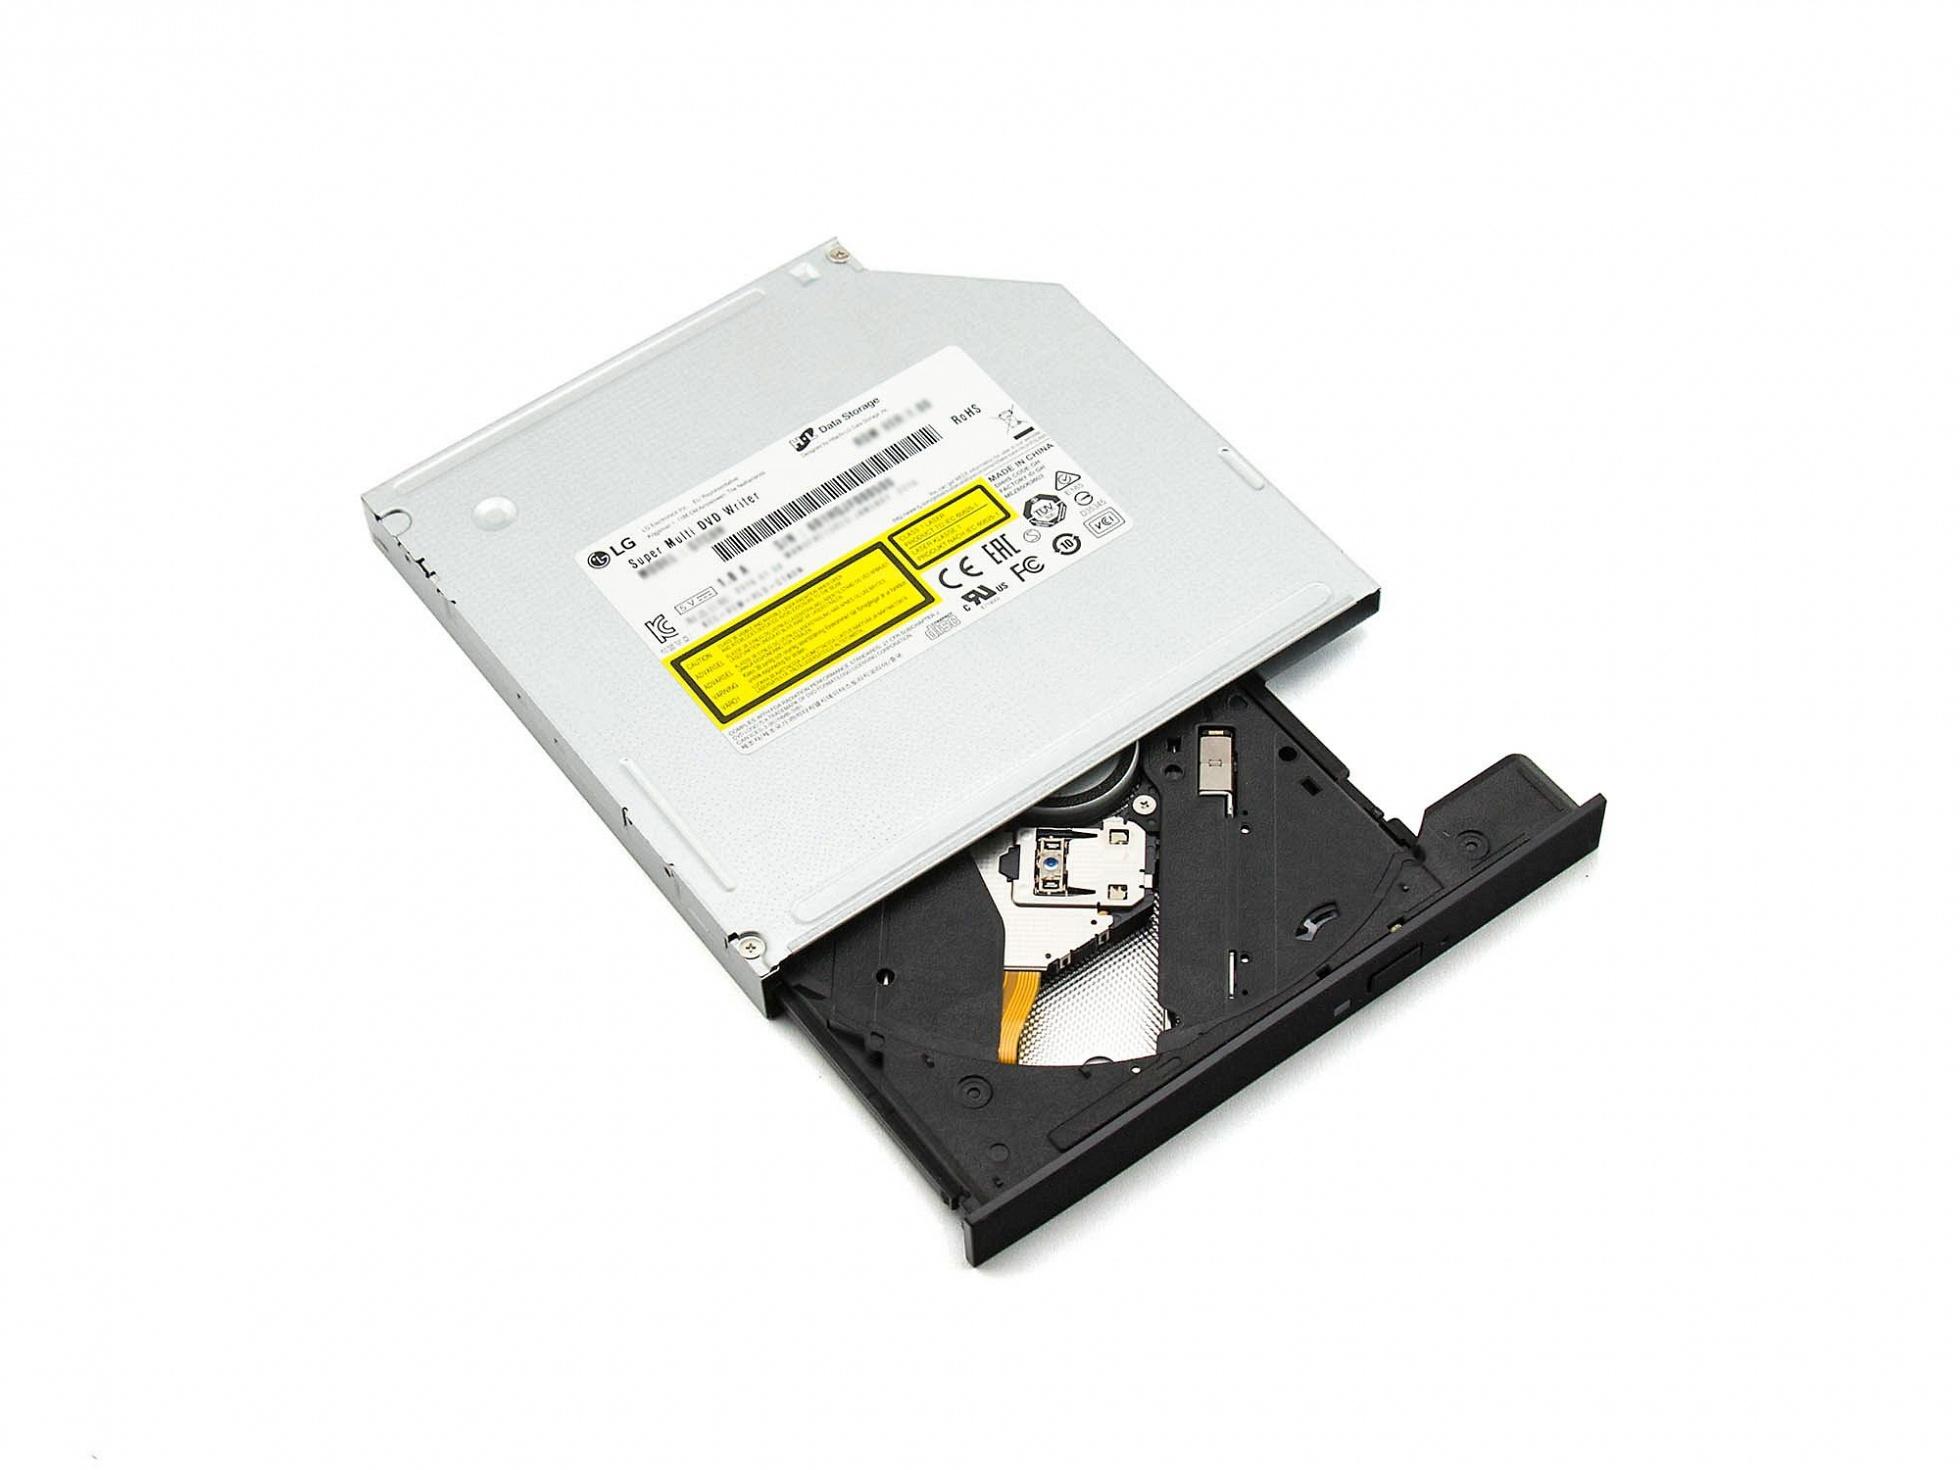 DVD Brenner für Wortmann Terra Mobile 1509 (1220111)